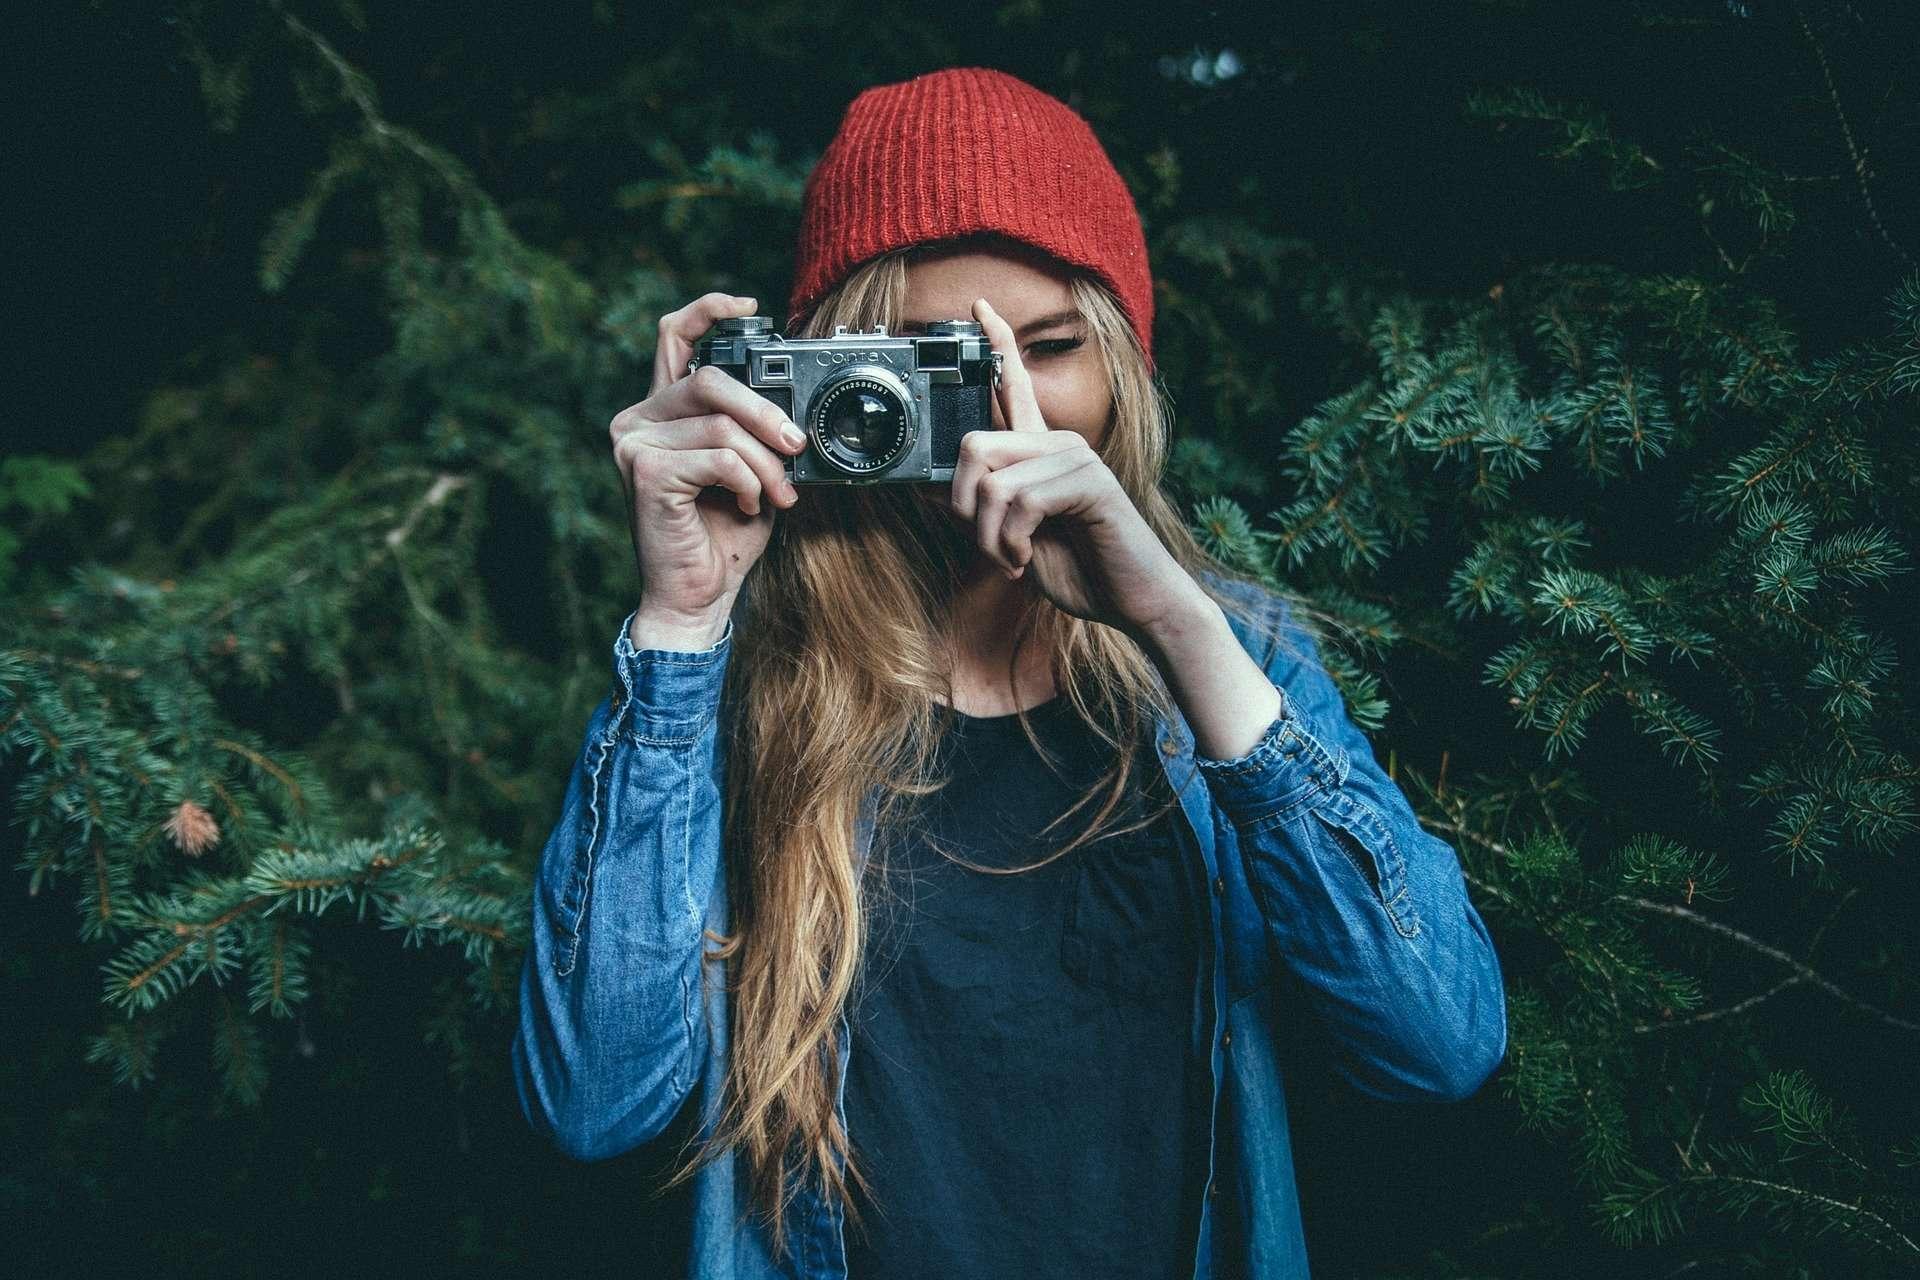 Las mejores cámaras compactas para fotografía de naturaleza de 2021